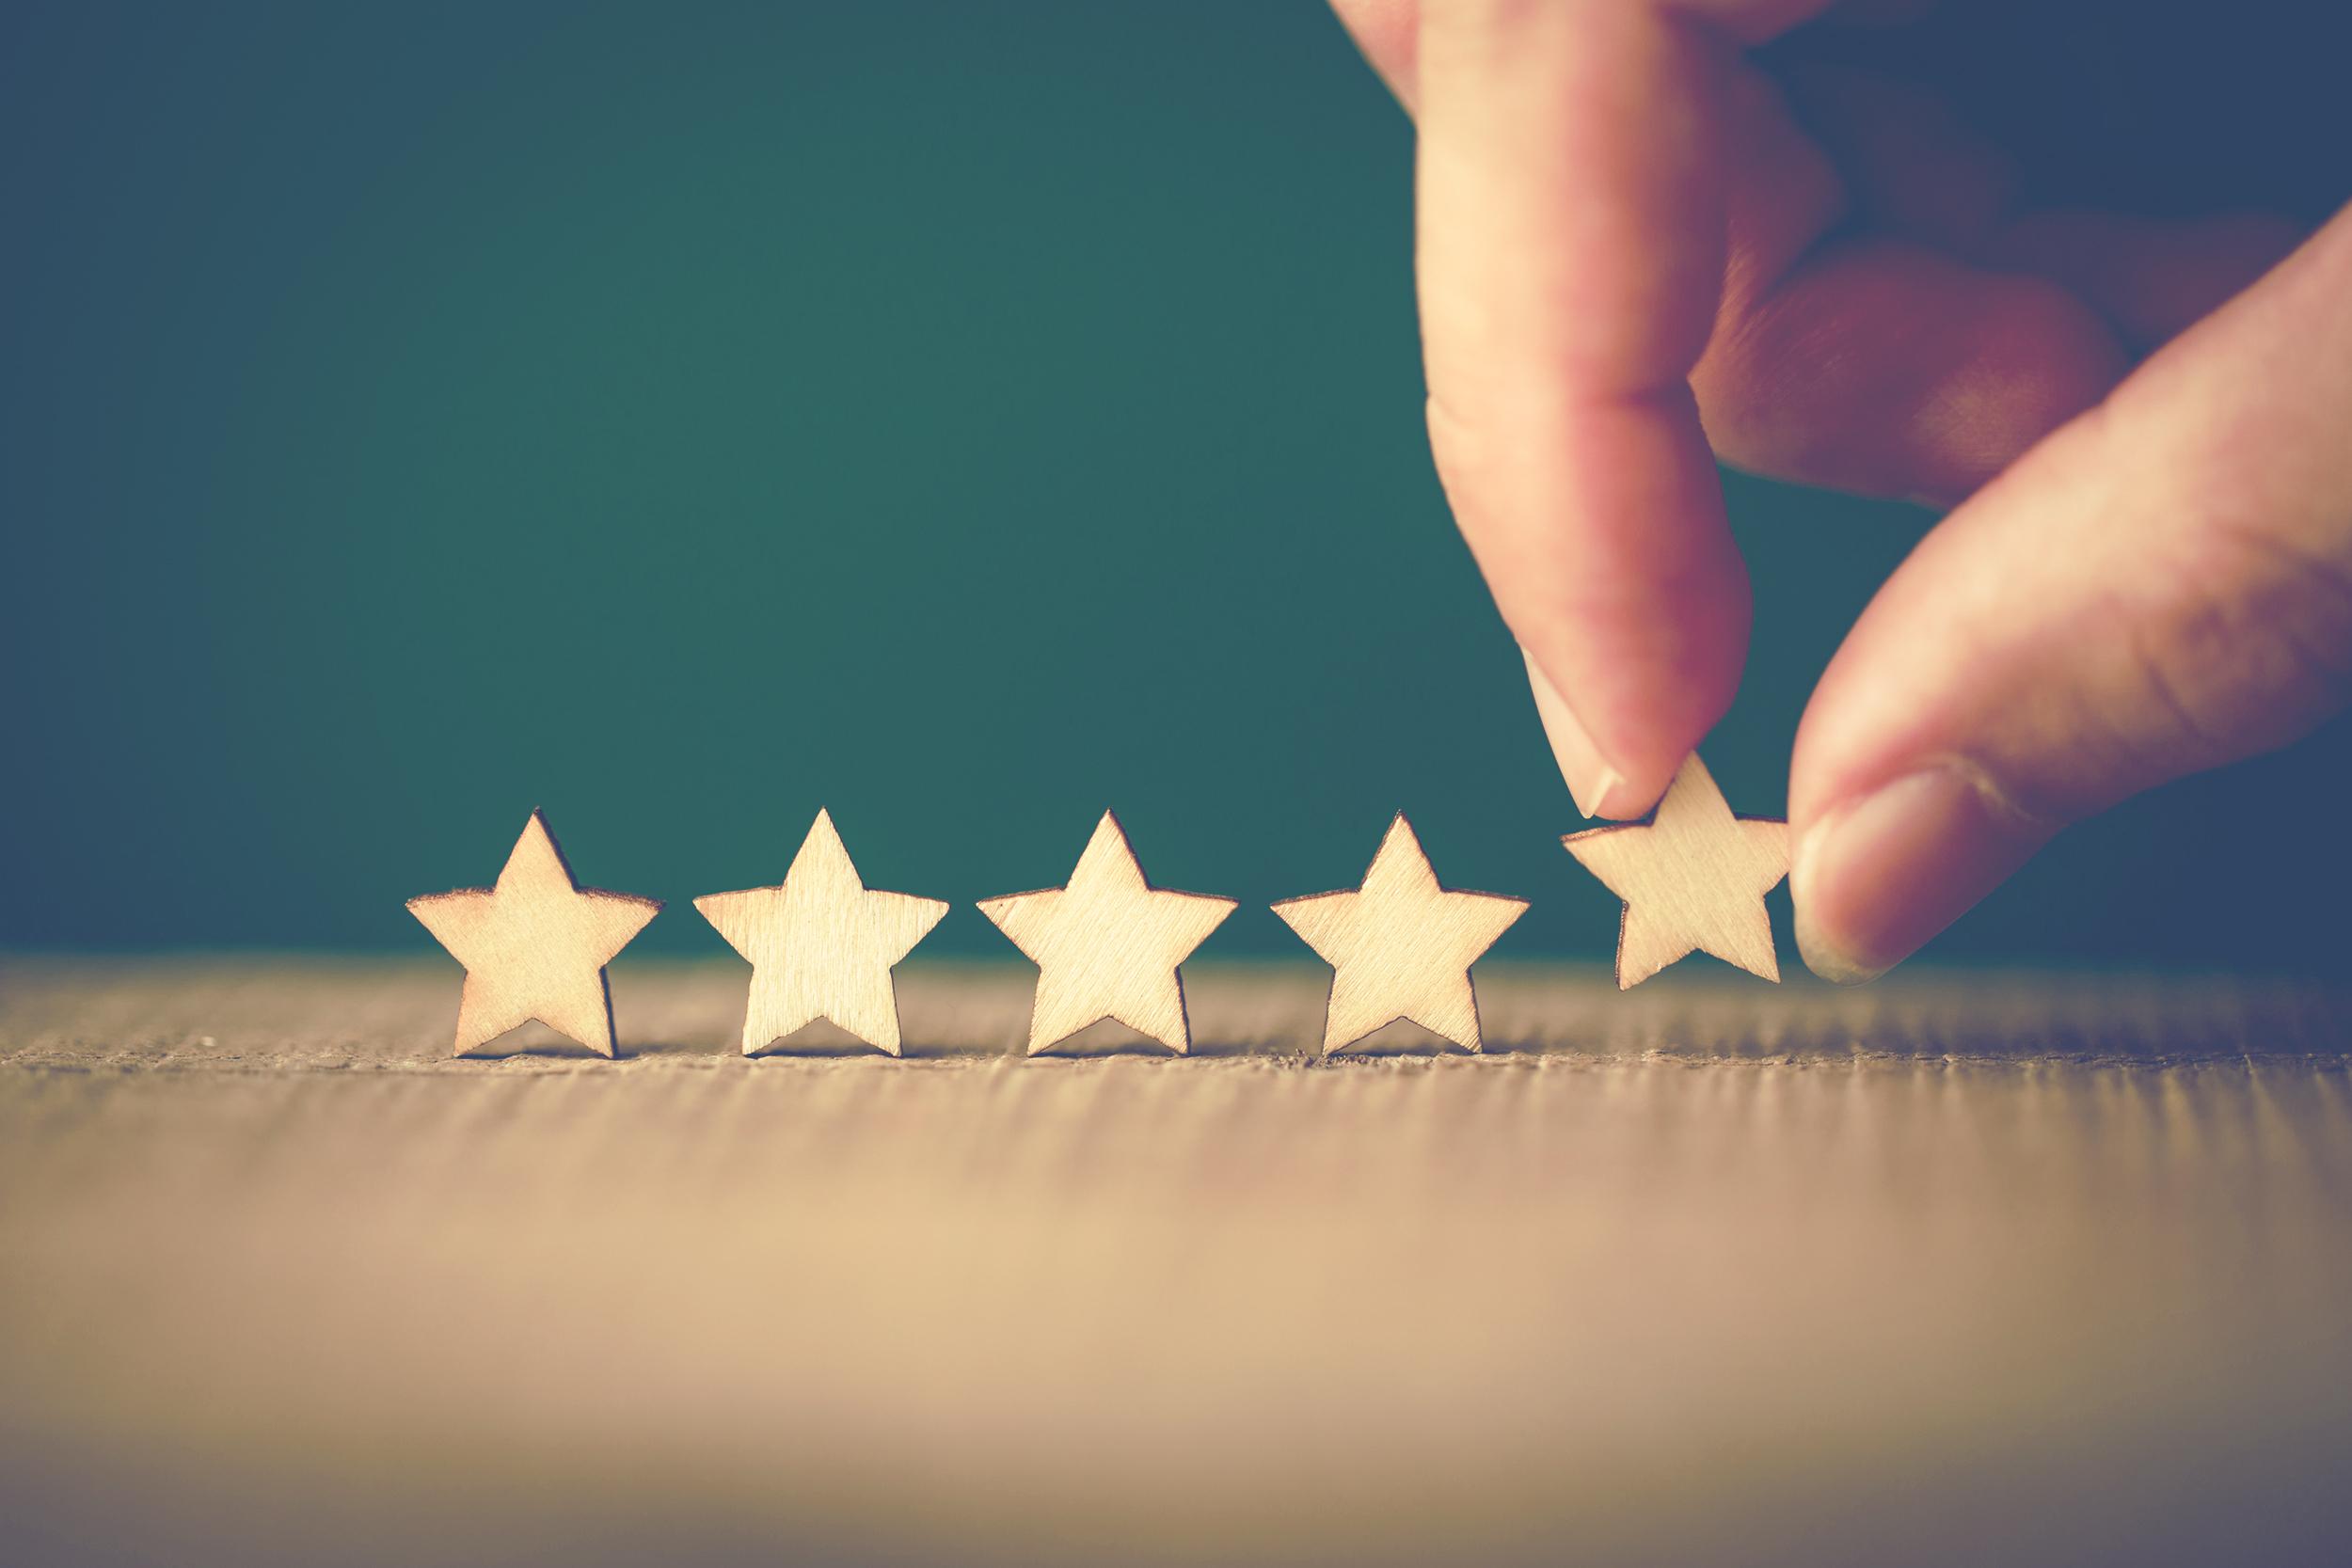 Développer une stratégie orientée sur l'expérience client : un avantage concurrentiel de taille